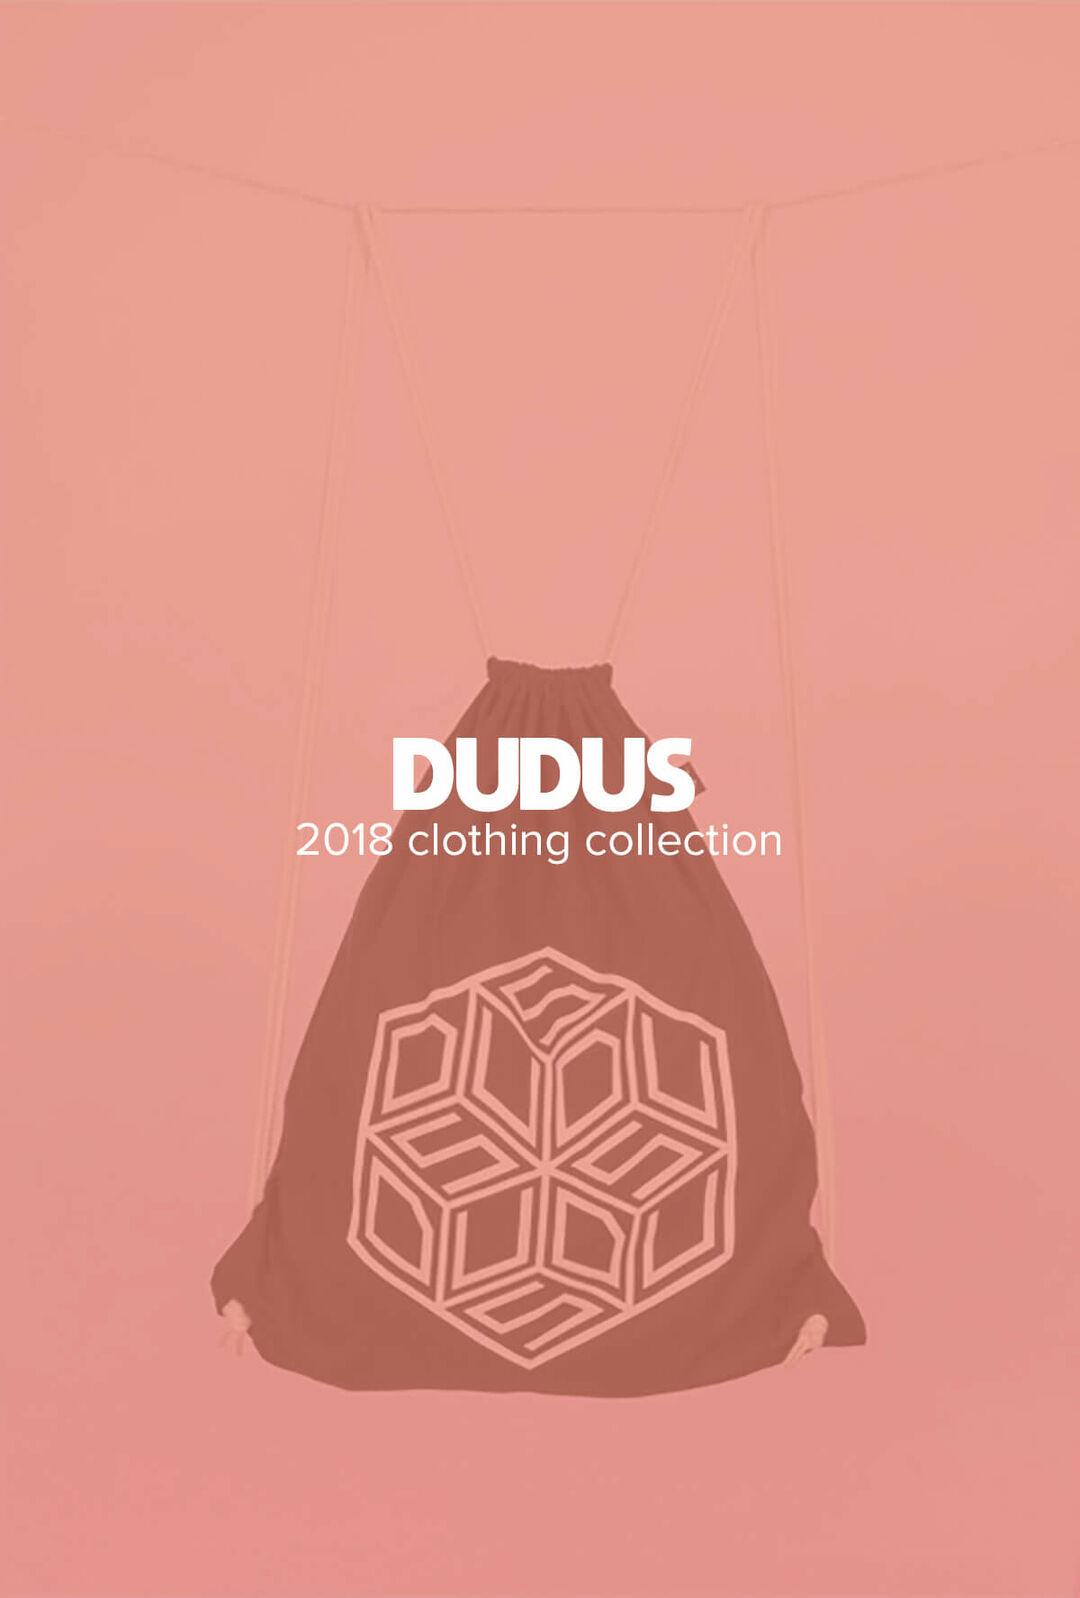 Dudus2